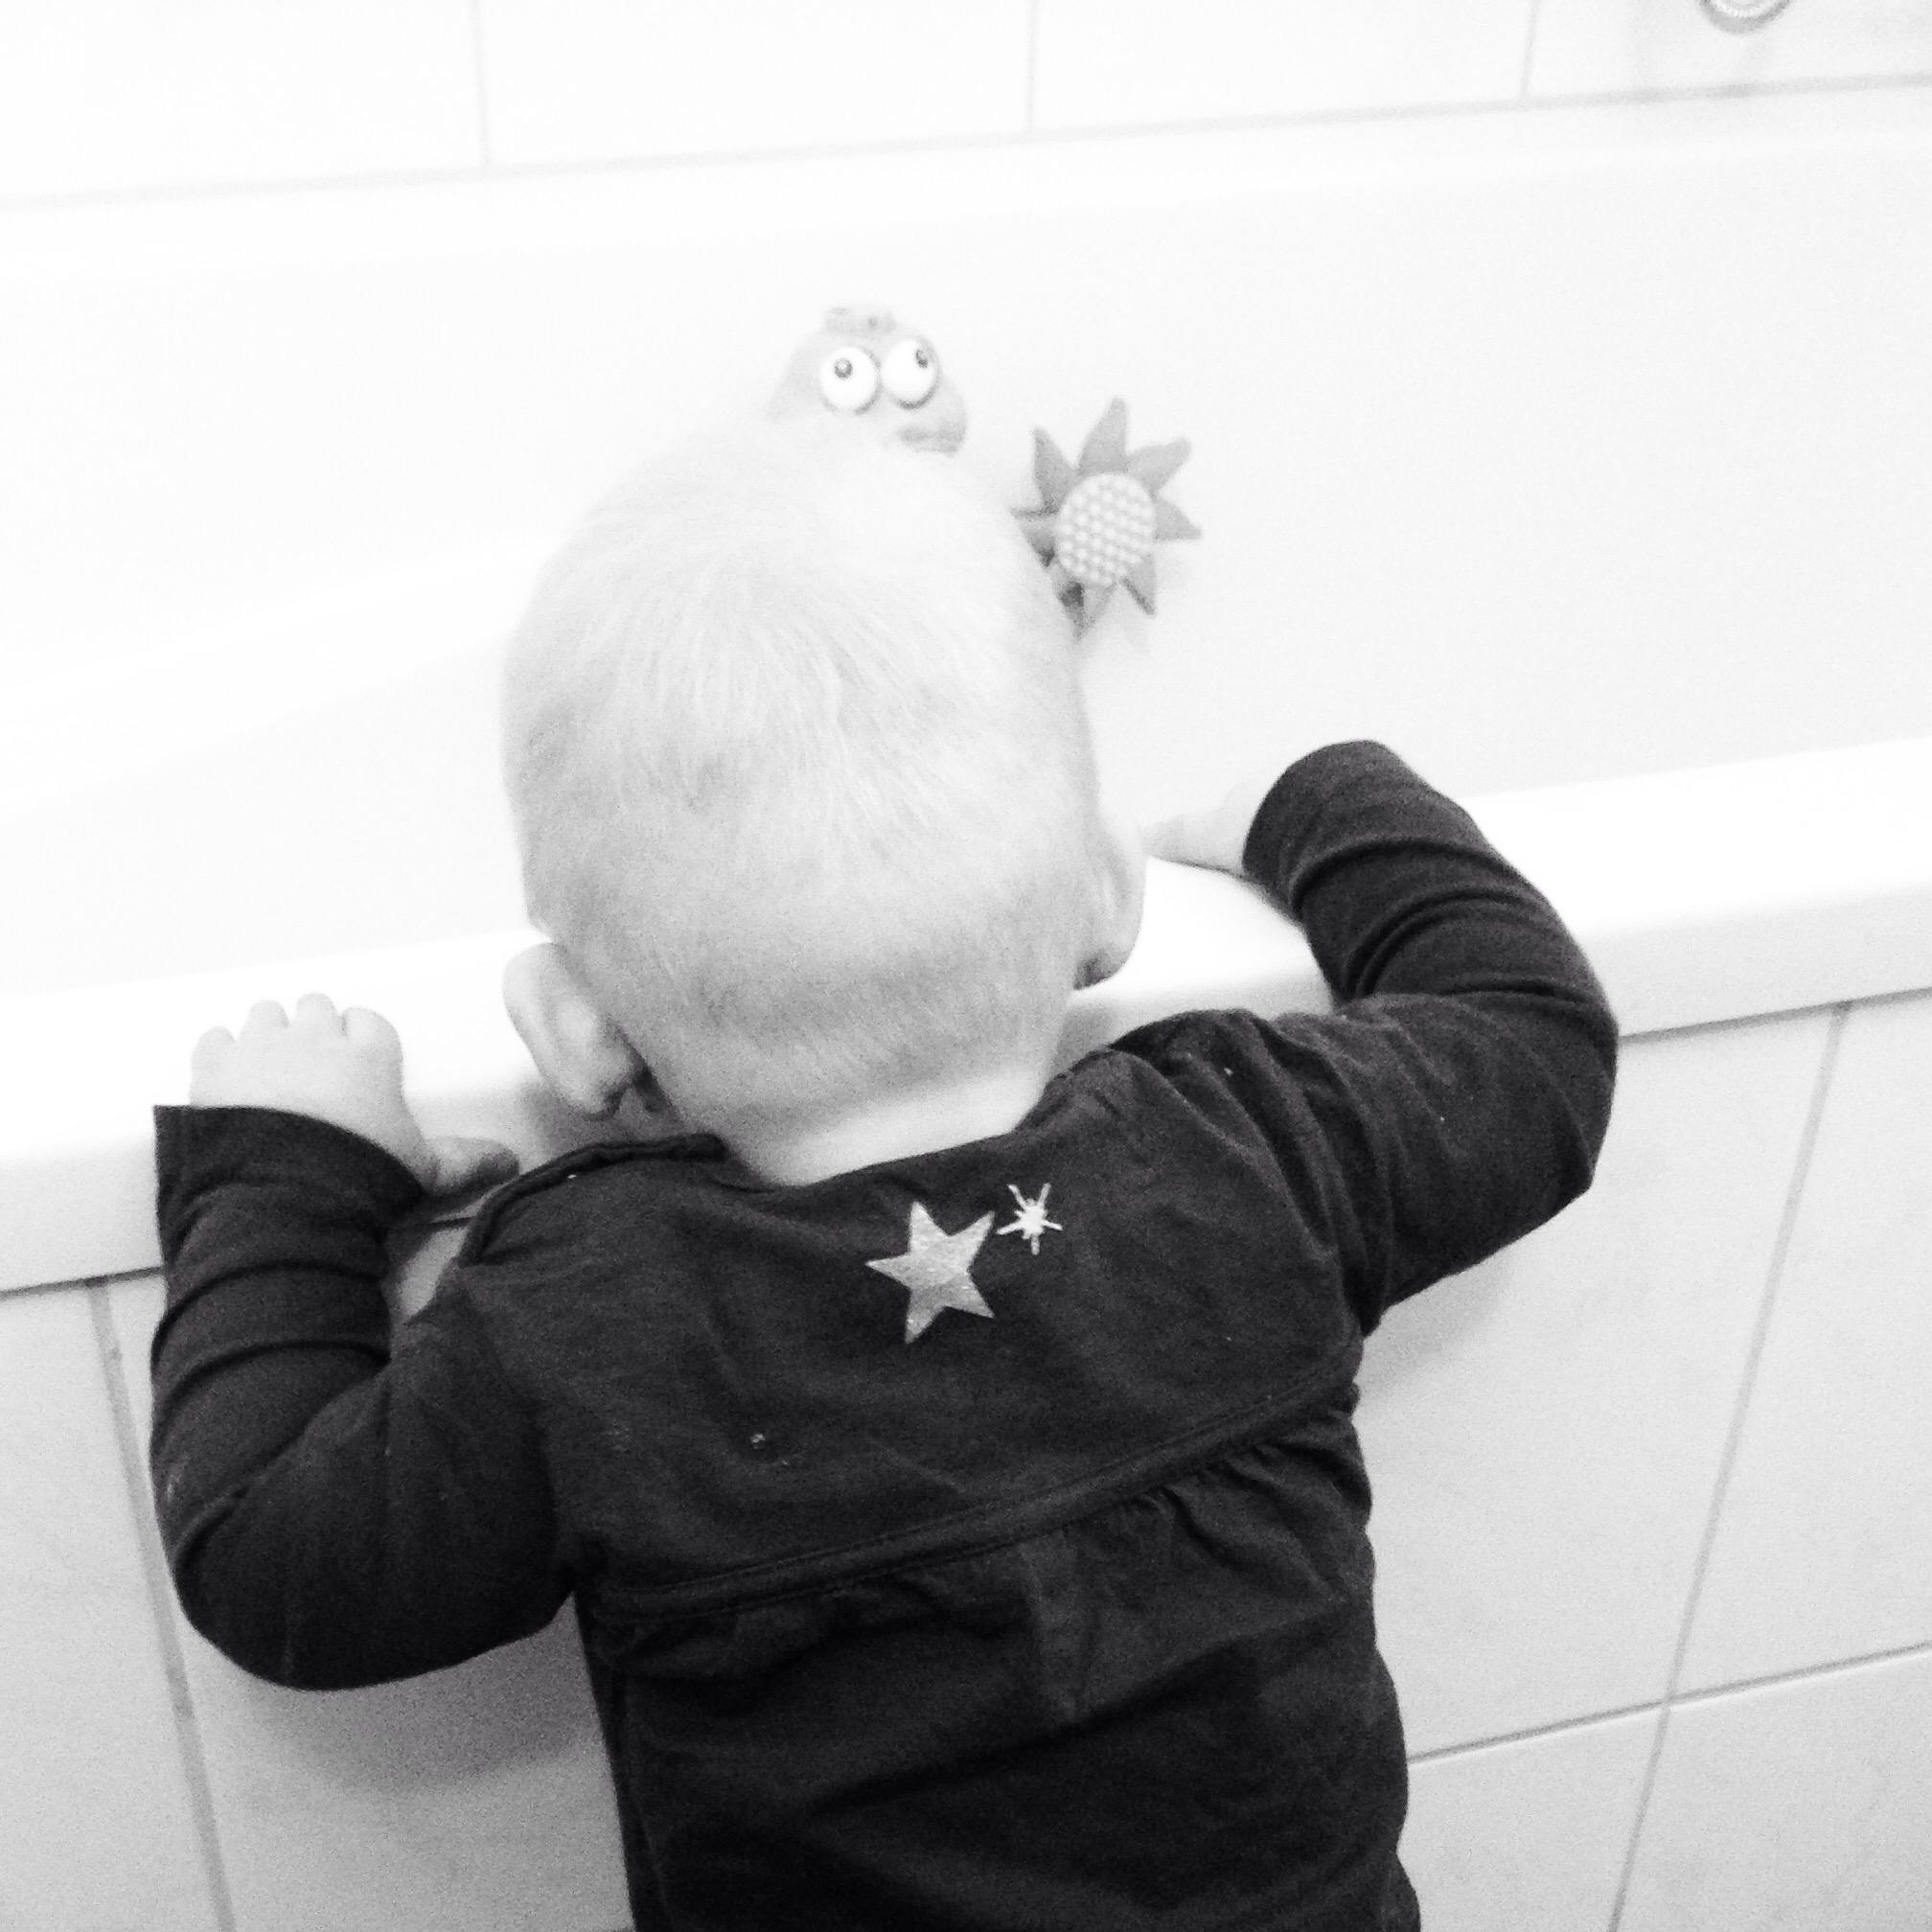 Maandagochtend... Lekker stappen aan het bad. Nog steeds overal builen en bulten!